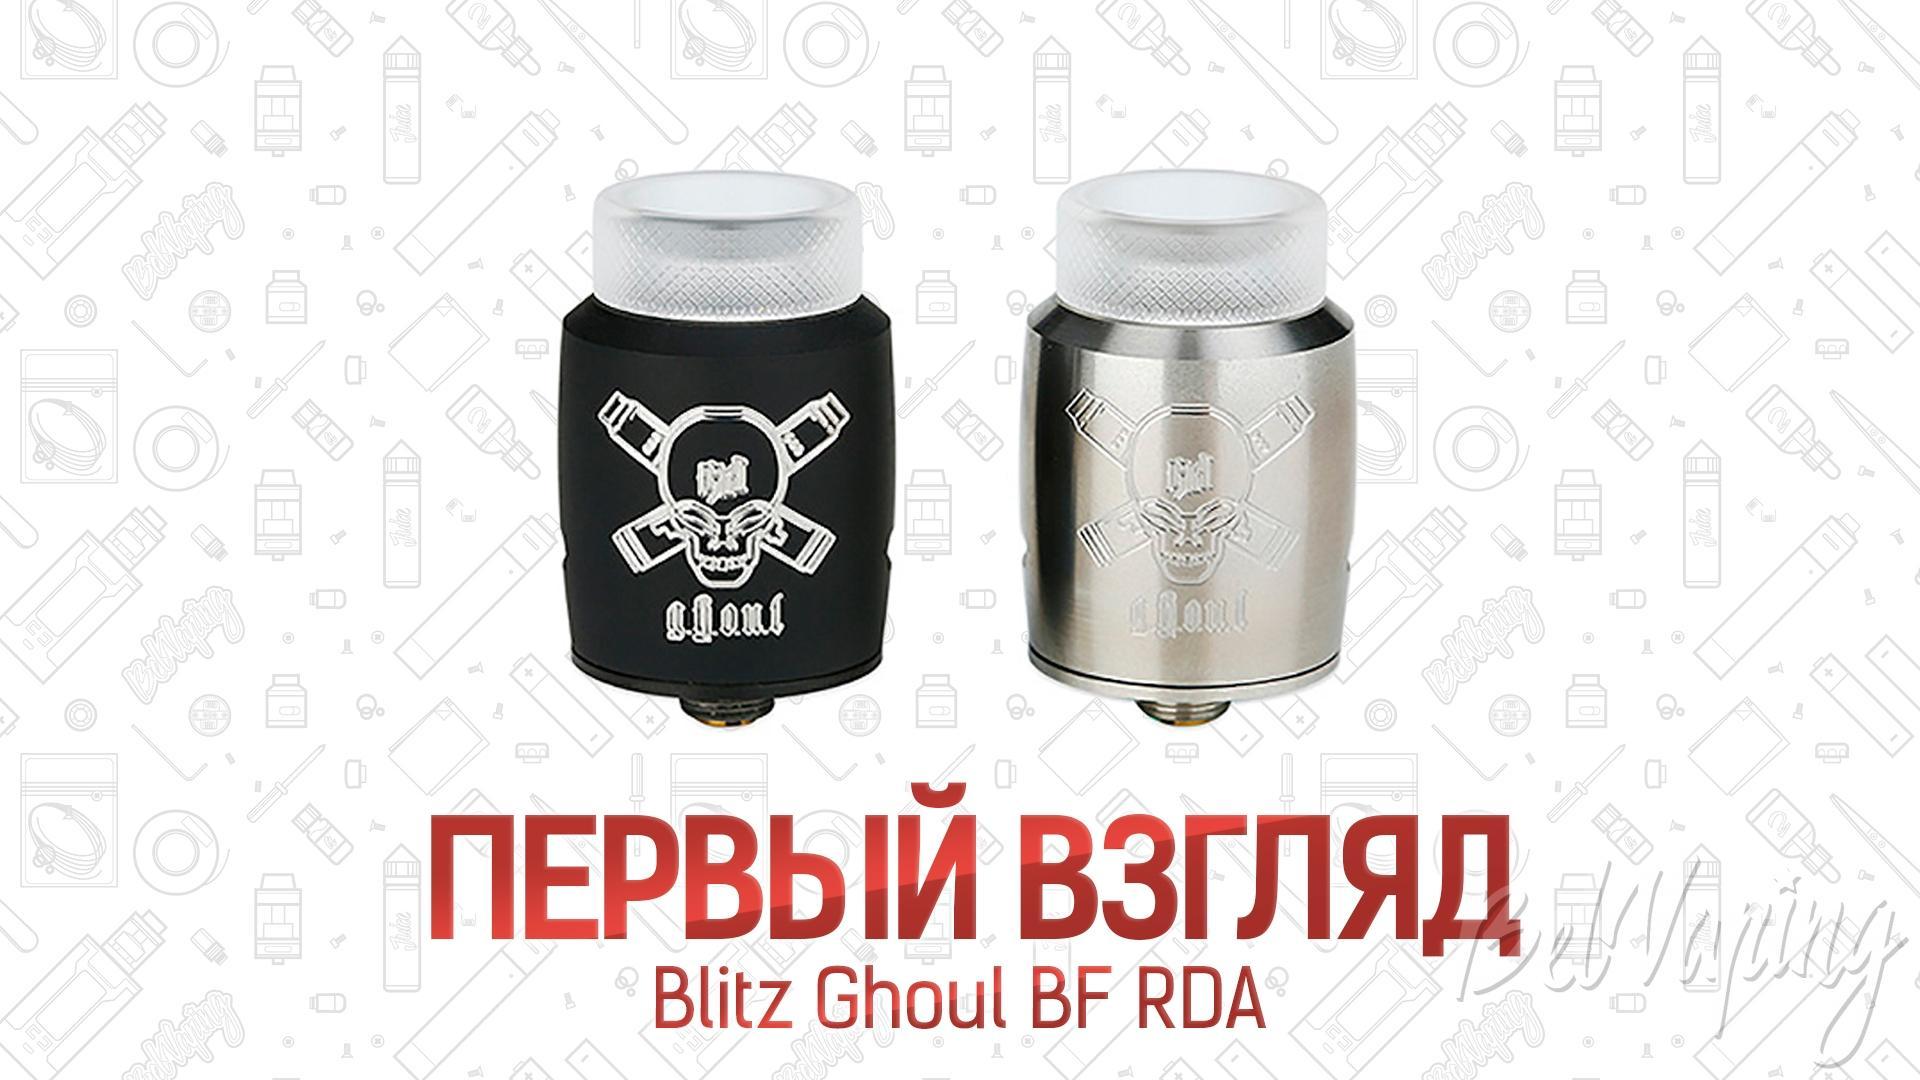 Blitz Ghoul BF RDA. Первый взгляд